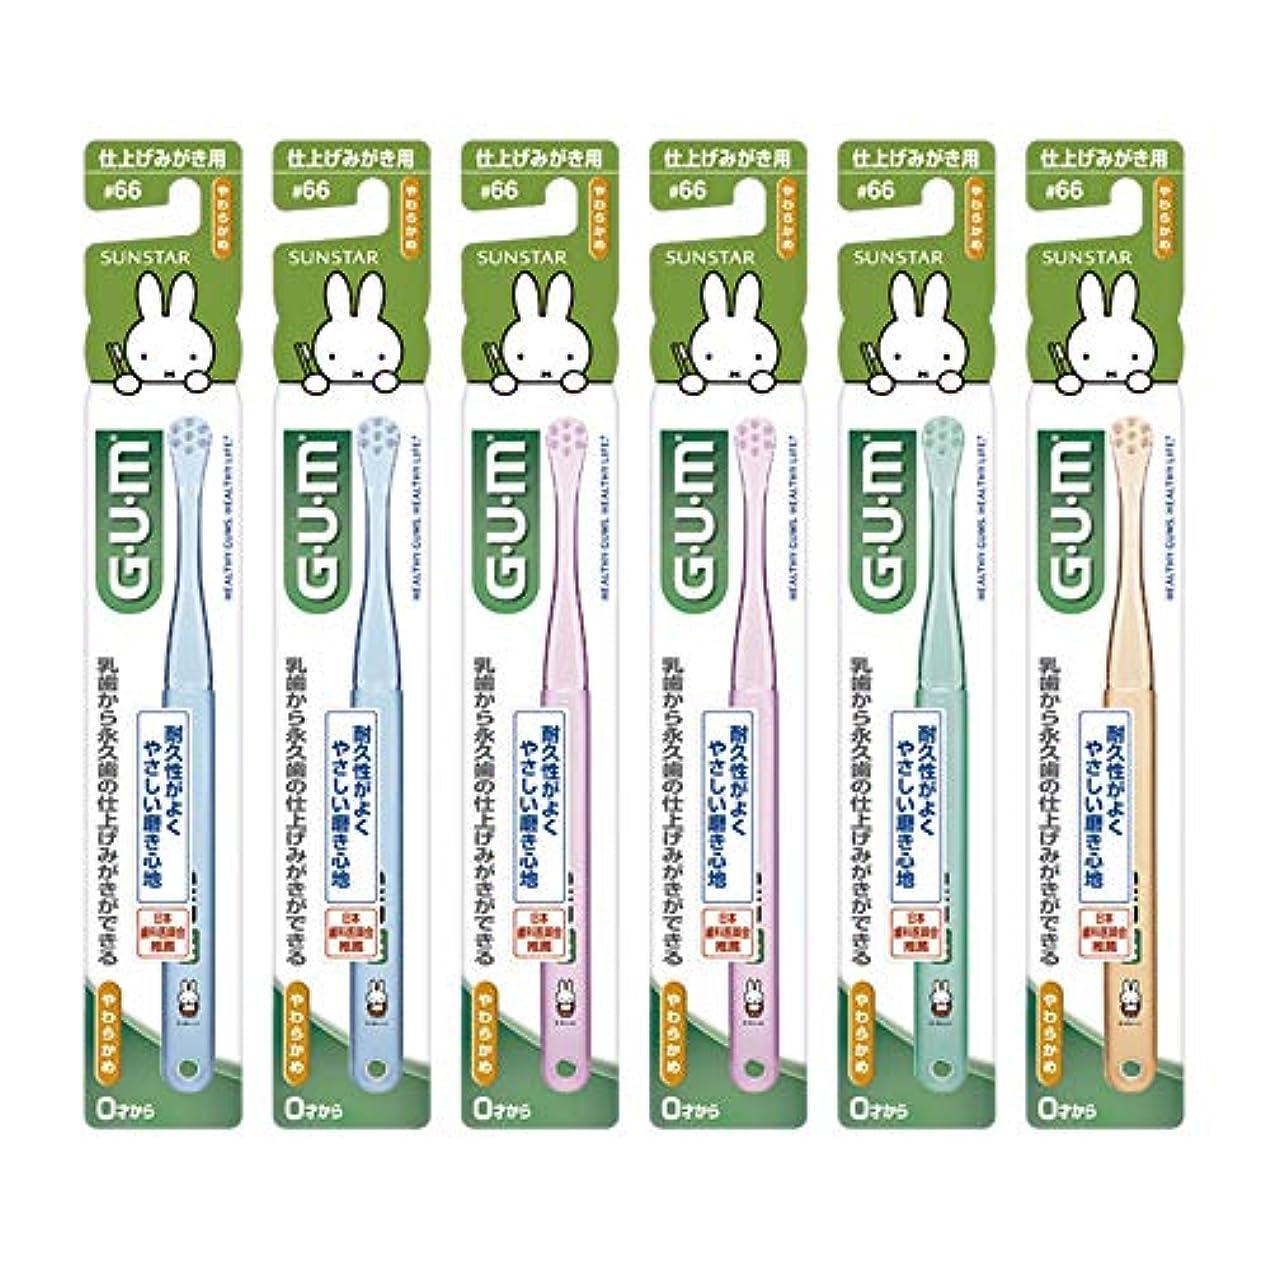 今日農夫退屈なGUM(ガム) デンタル こども 歯ブラシ #66 [仕上げみがき用/やわらかめ] 6本パック+ おまけつき【Amazon.co.jp限定】